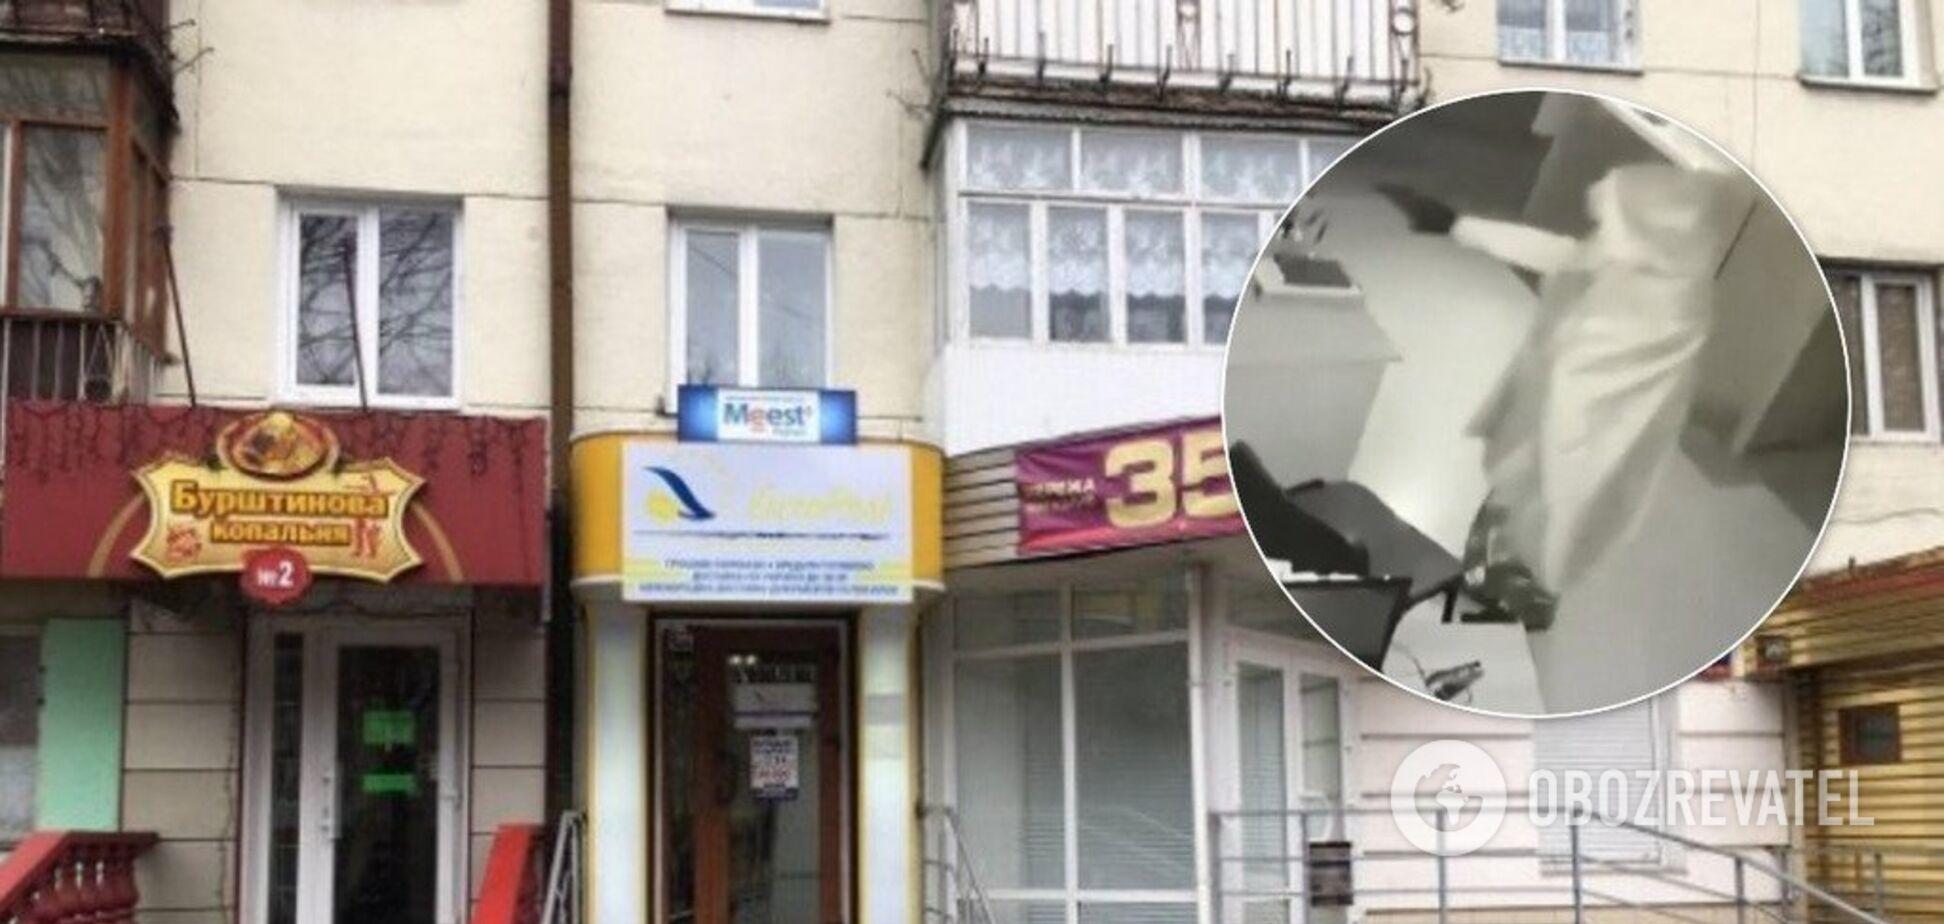 У Луцьку грабіжник прострелив голову директору фінустанови: злочин потрапив на відео